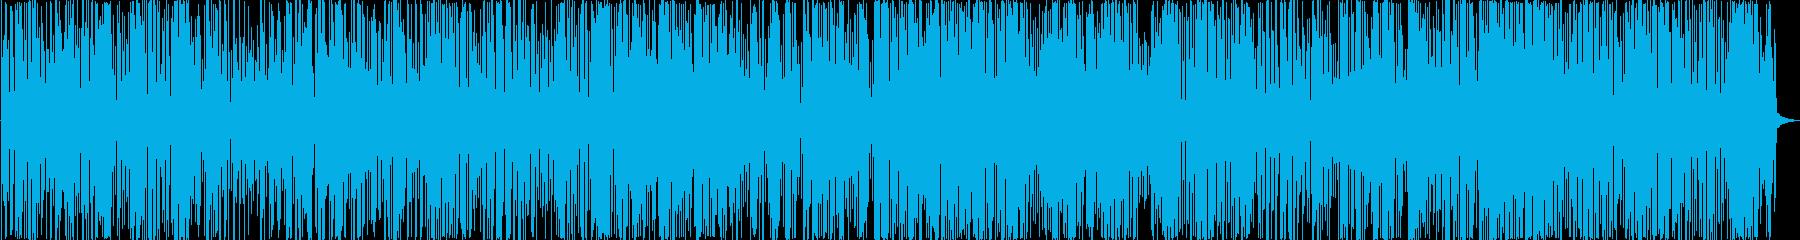 軽やかなジャズの再生済みの波形